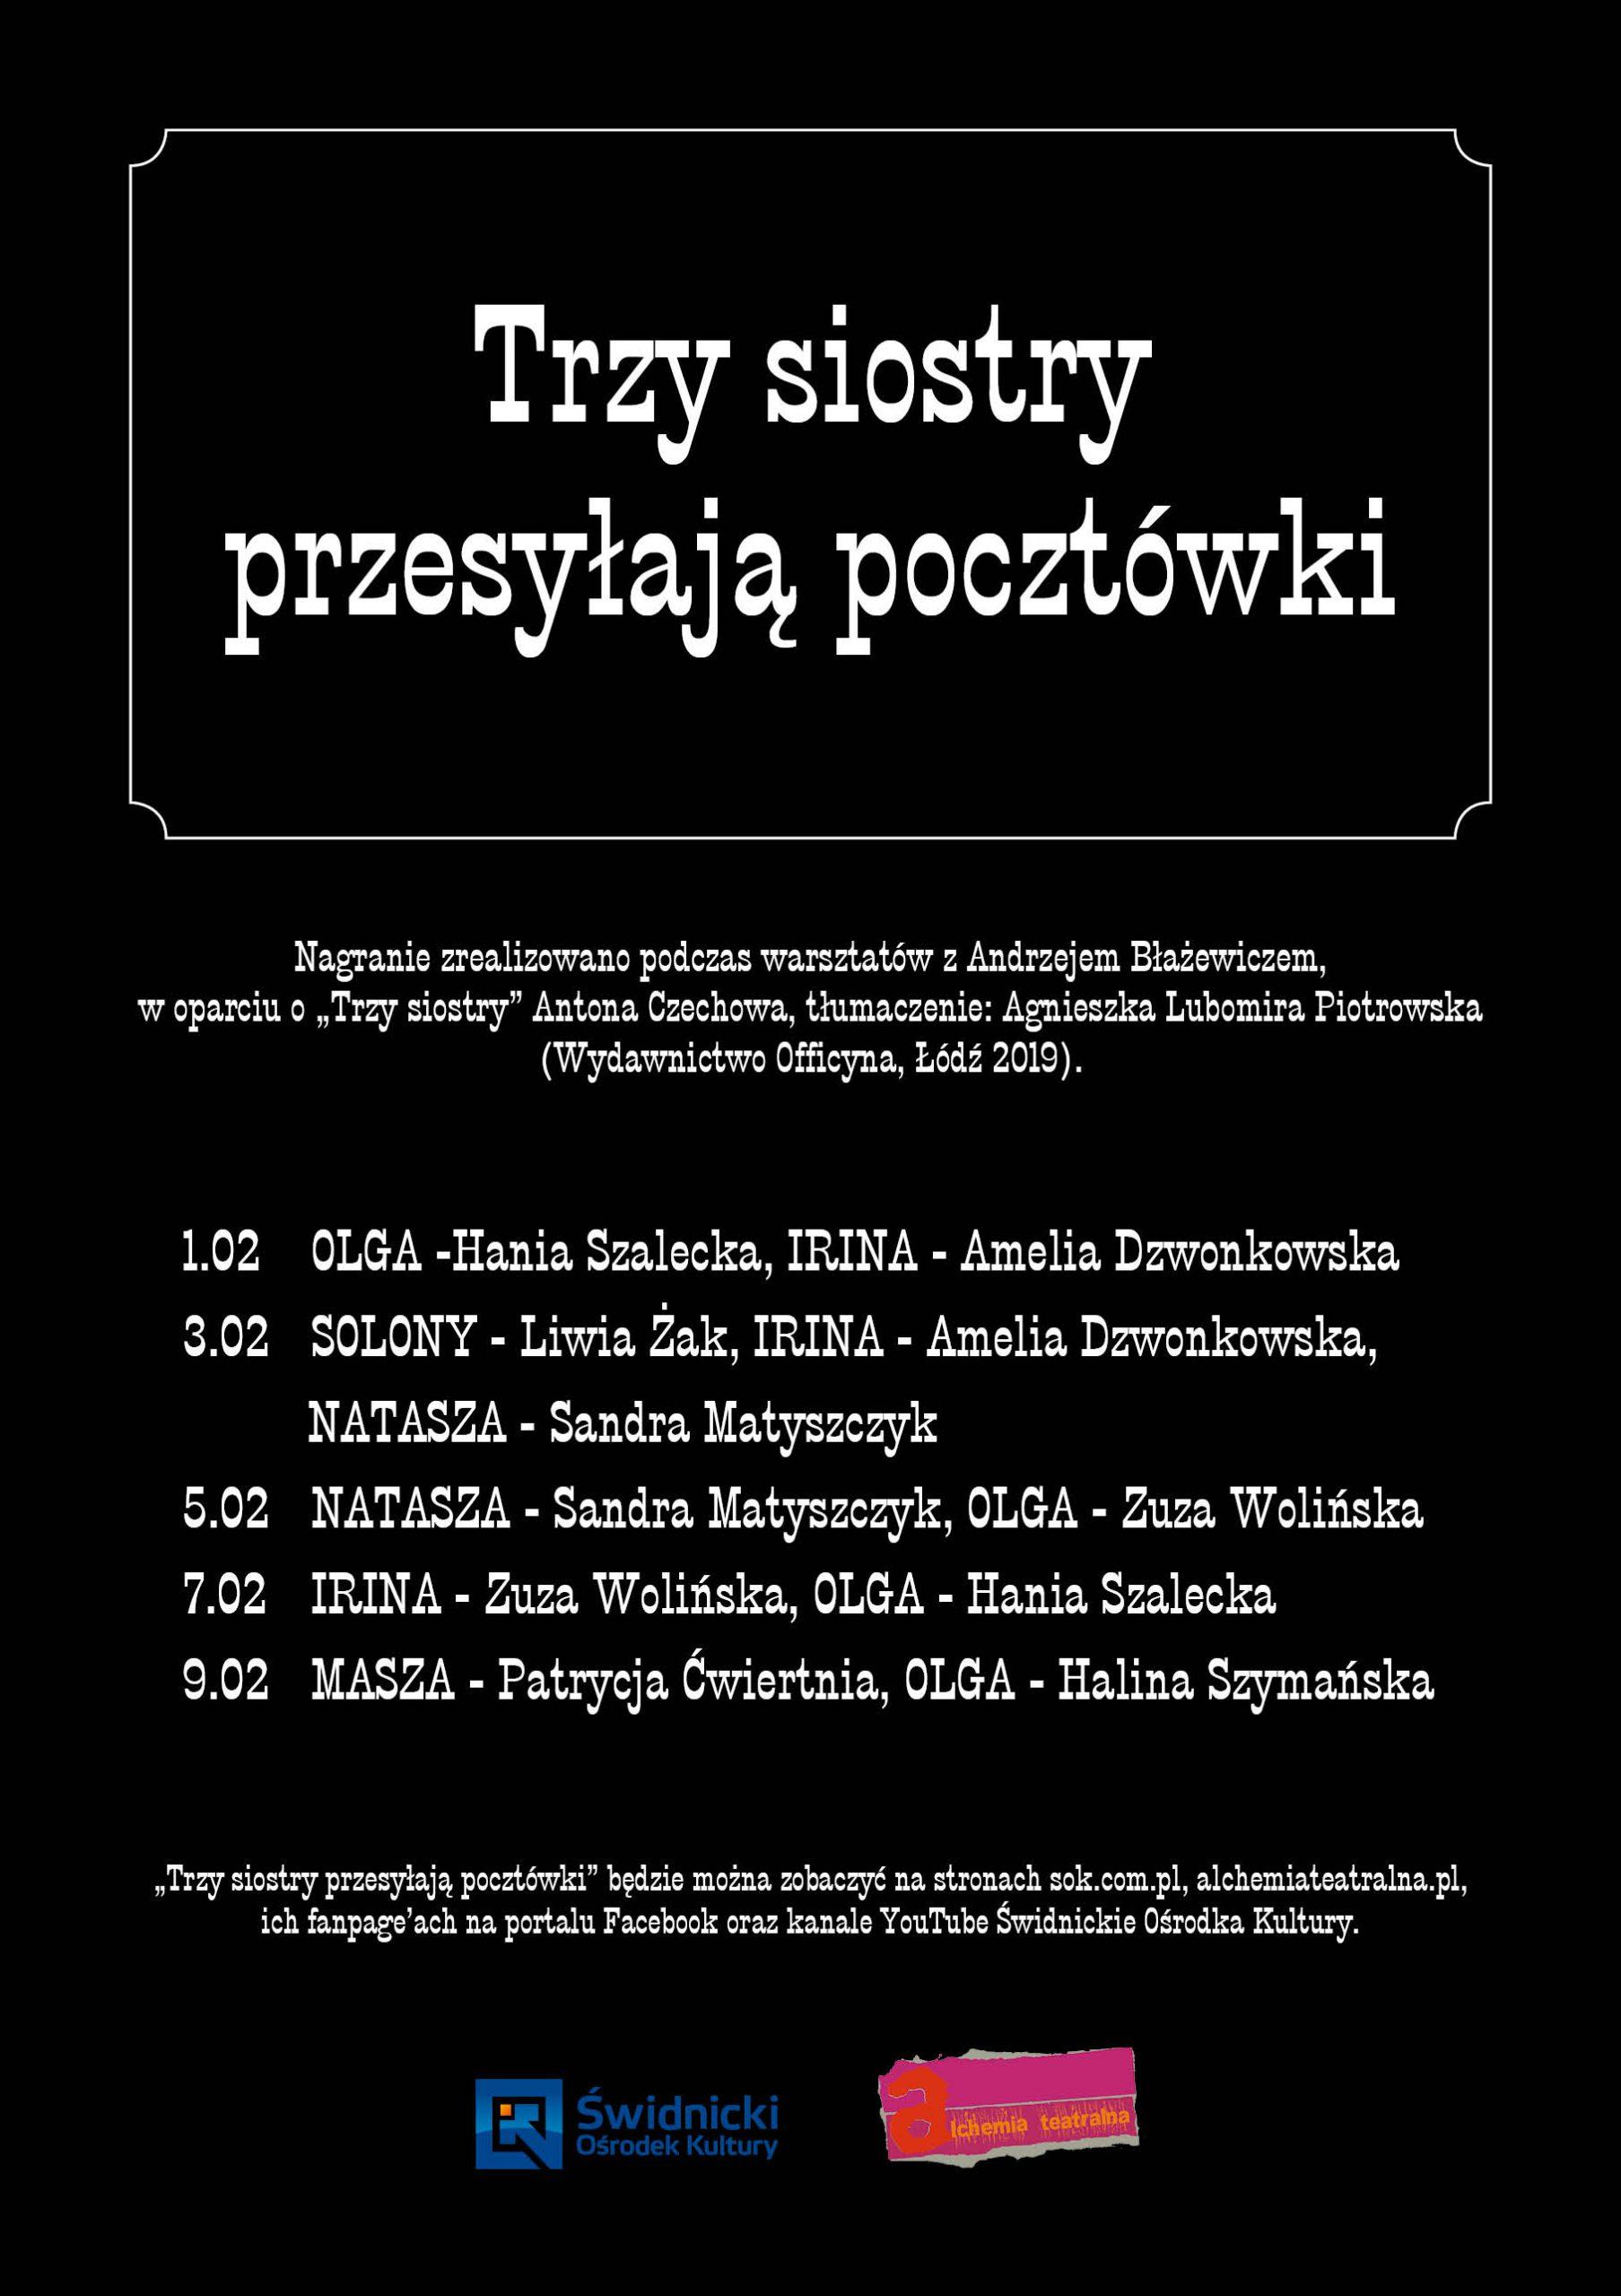 plakat informujący o pokazach on-line